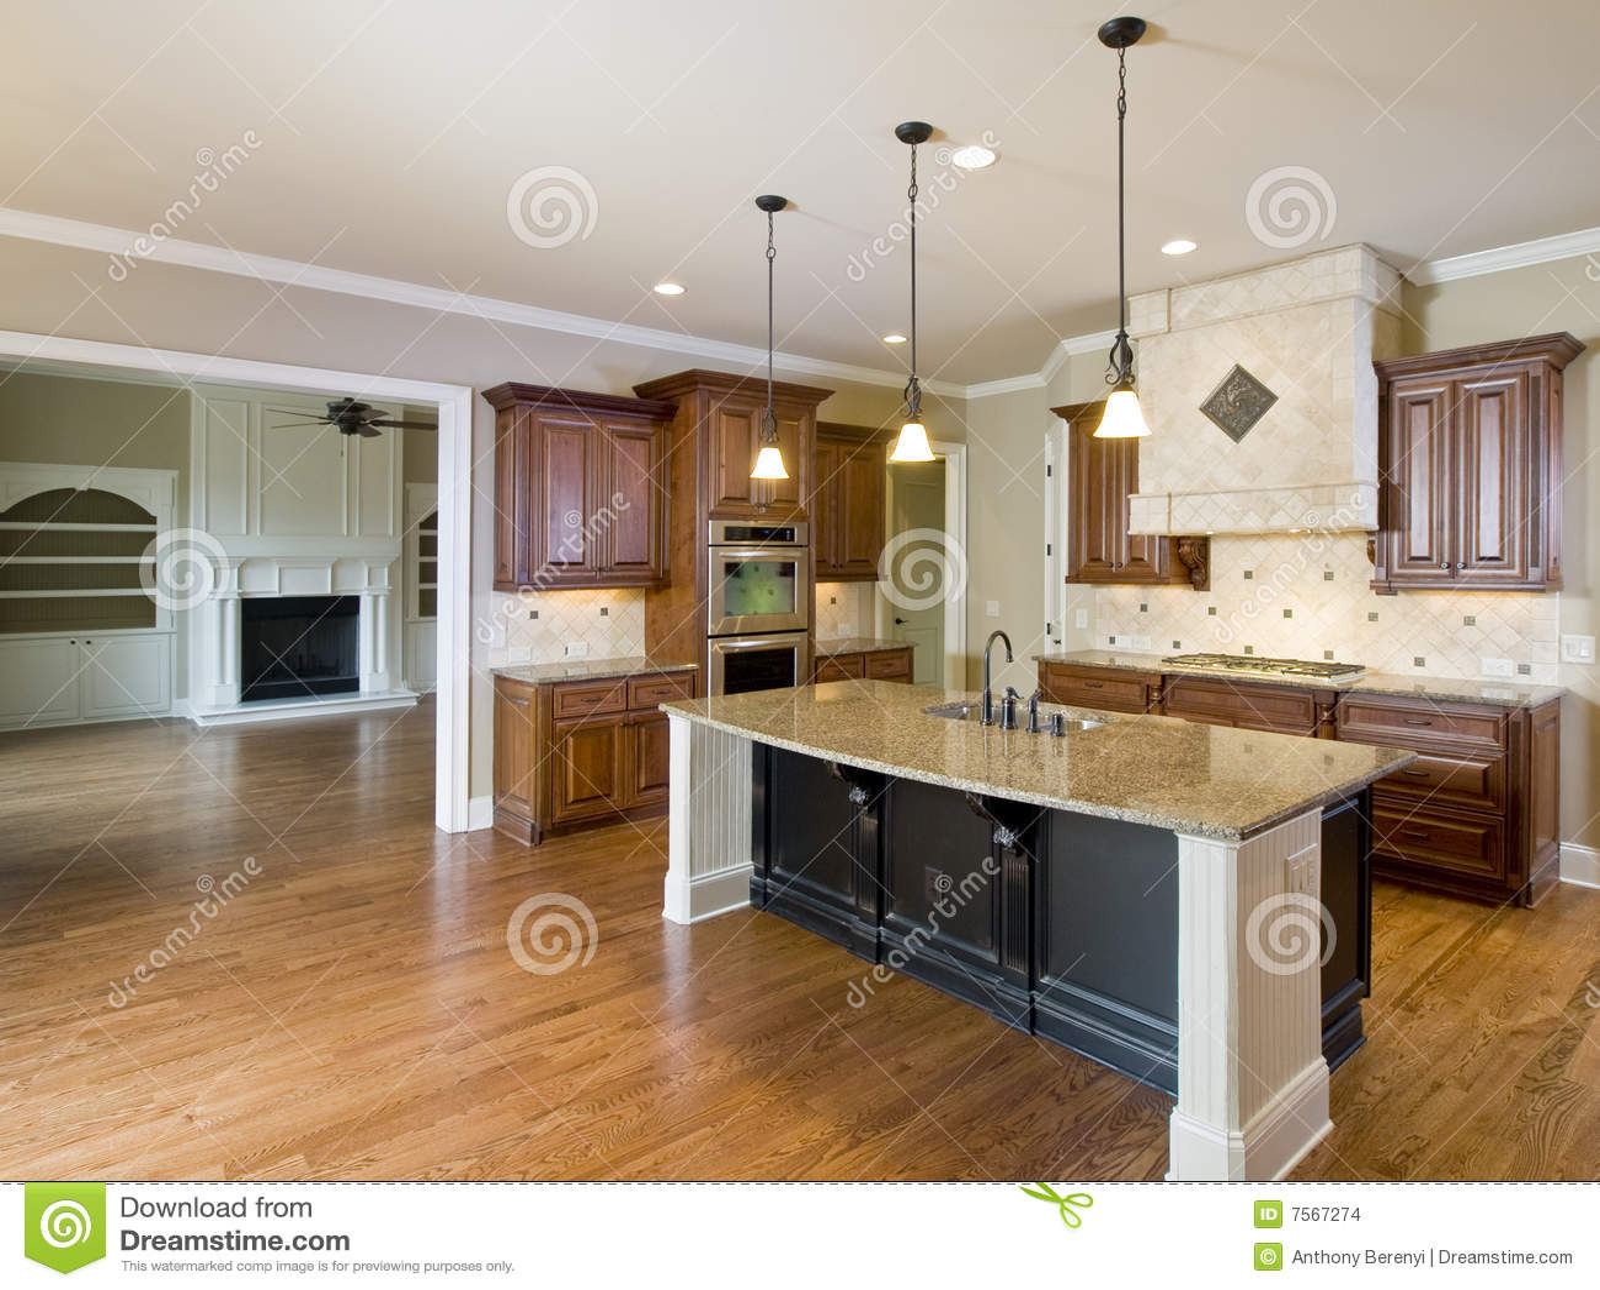 Cucina e salone interni domestici di lusso immagini stock for Interni salone